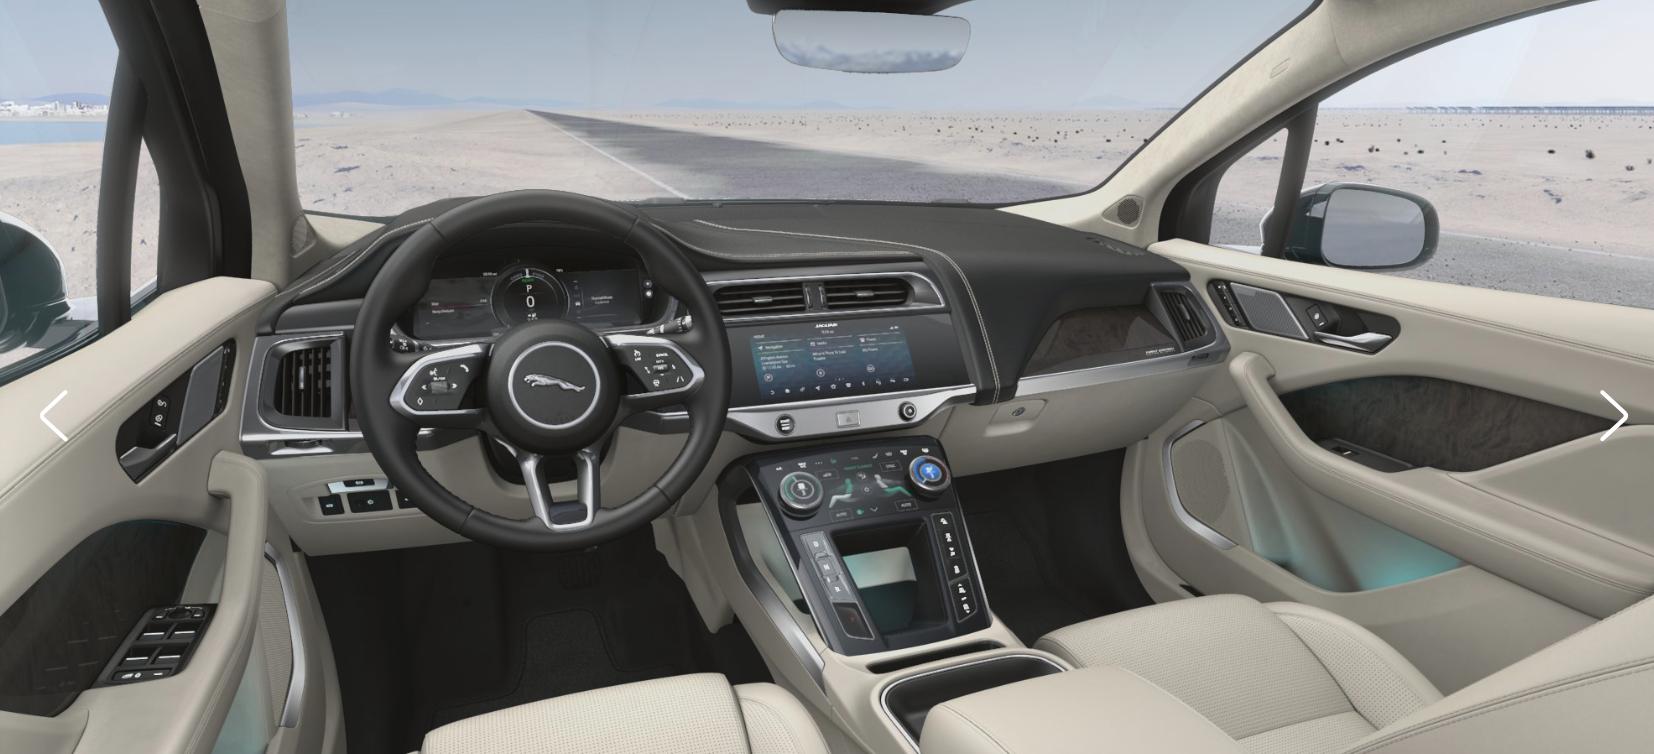 Interior Photos of Jaguar I-Pace First Edition - Jaguar ...